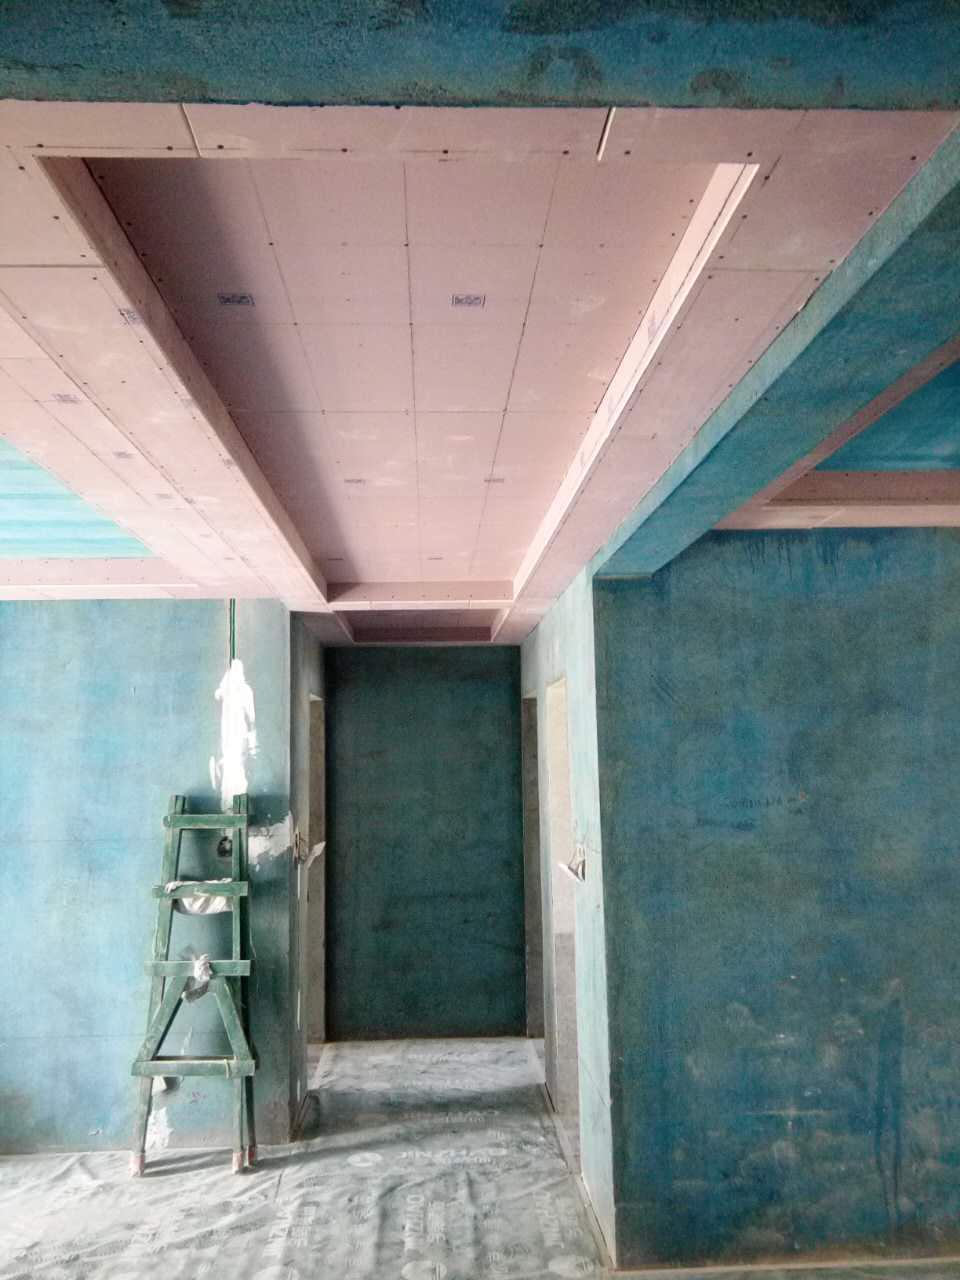 装修_主语城二室一厅装修工地木工吊顶认真,龙骨结实,结构都很紧凑,接